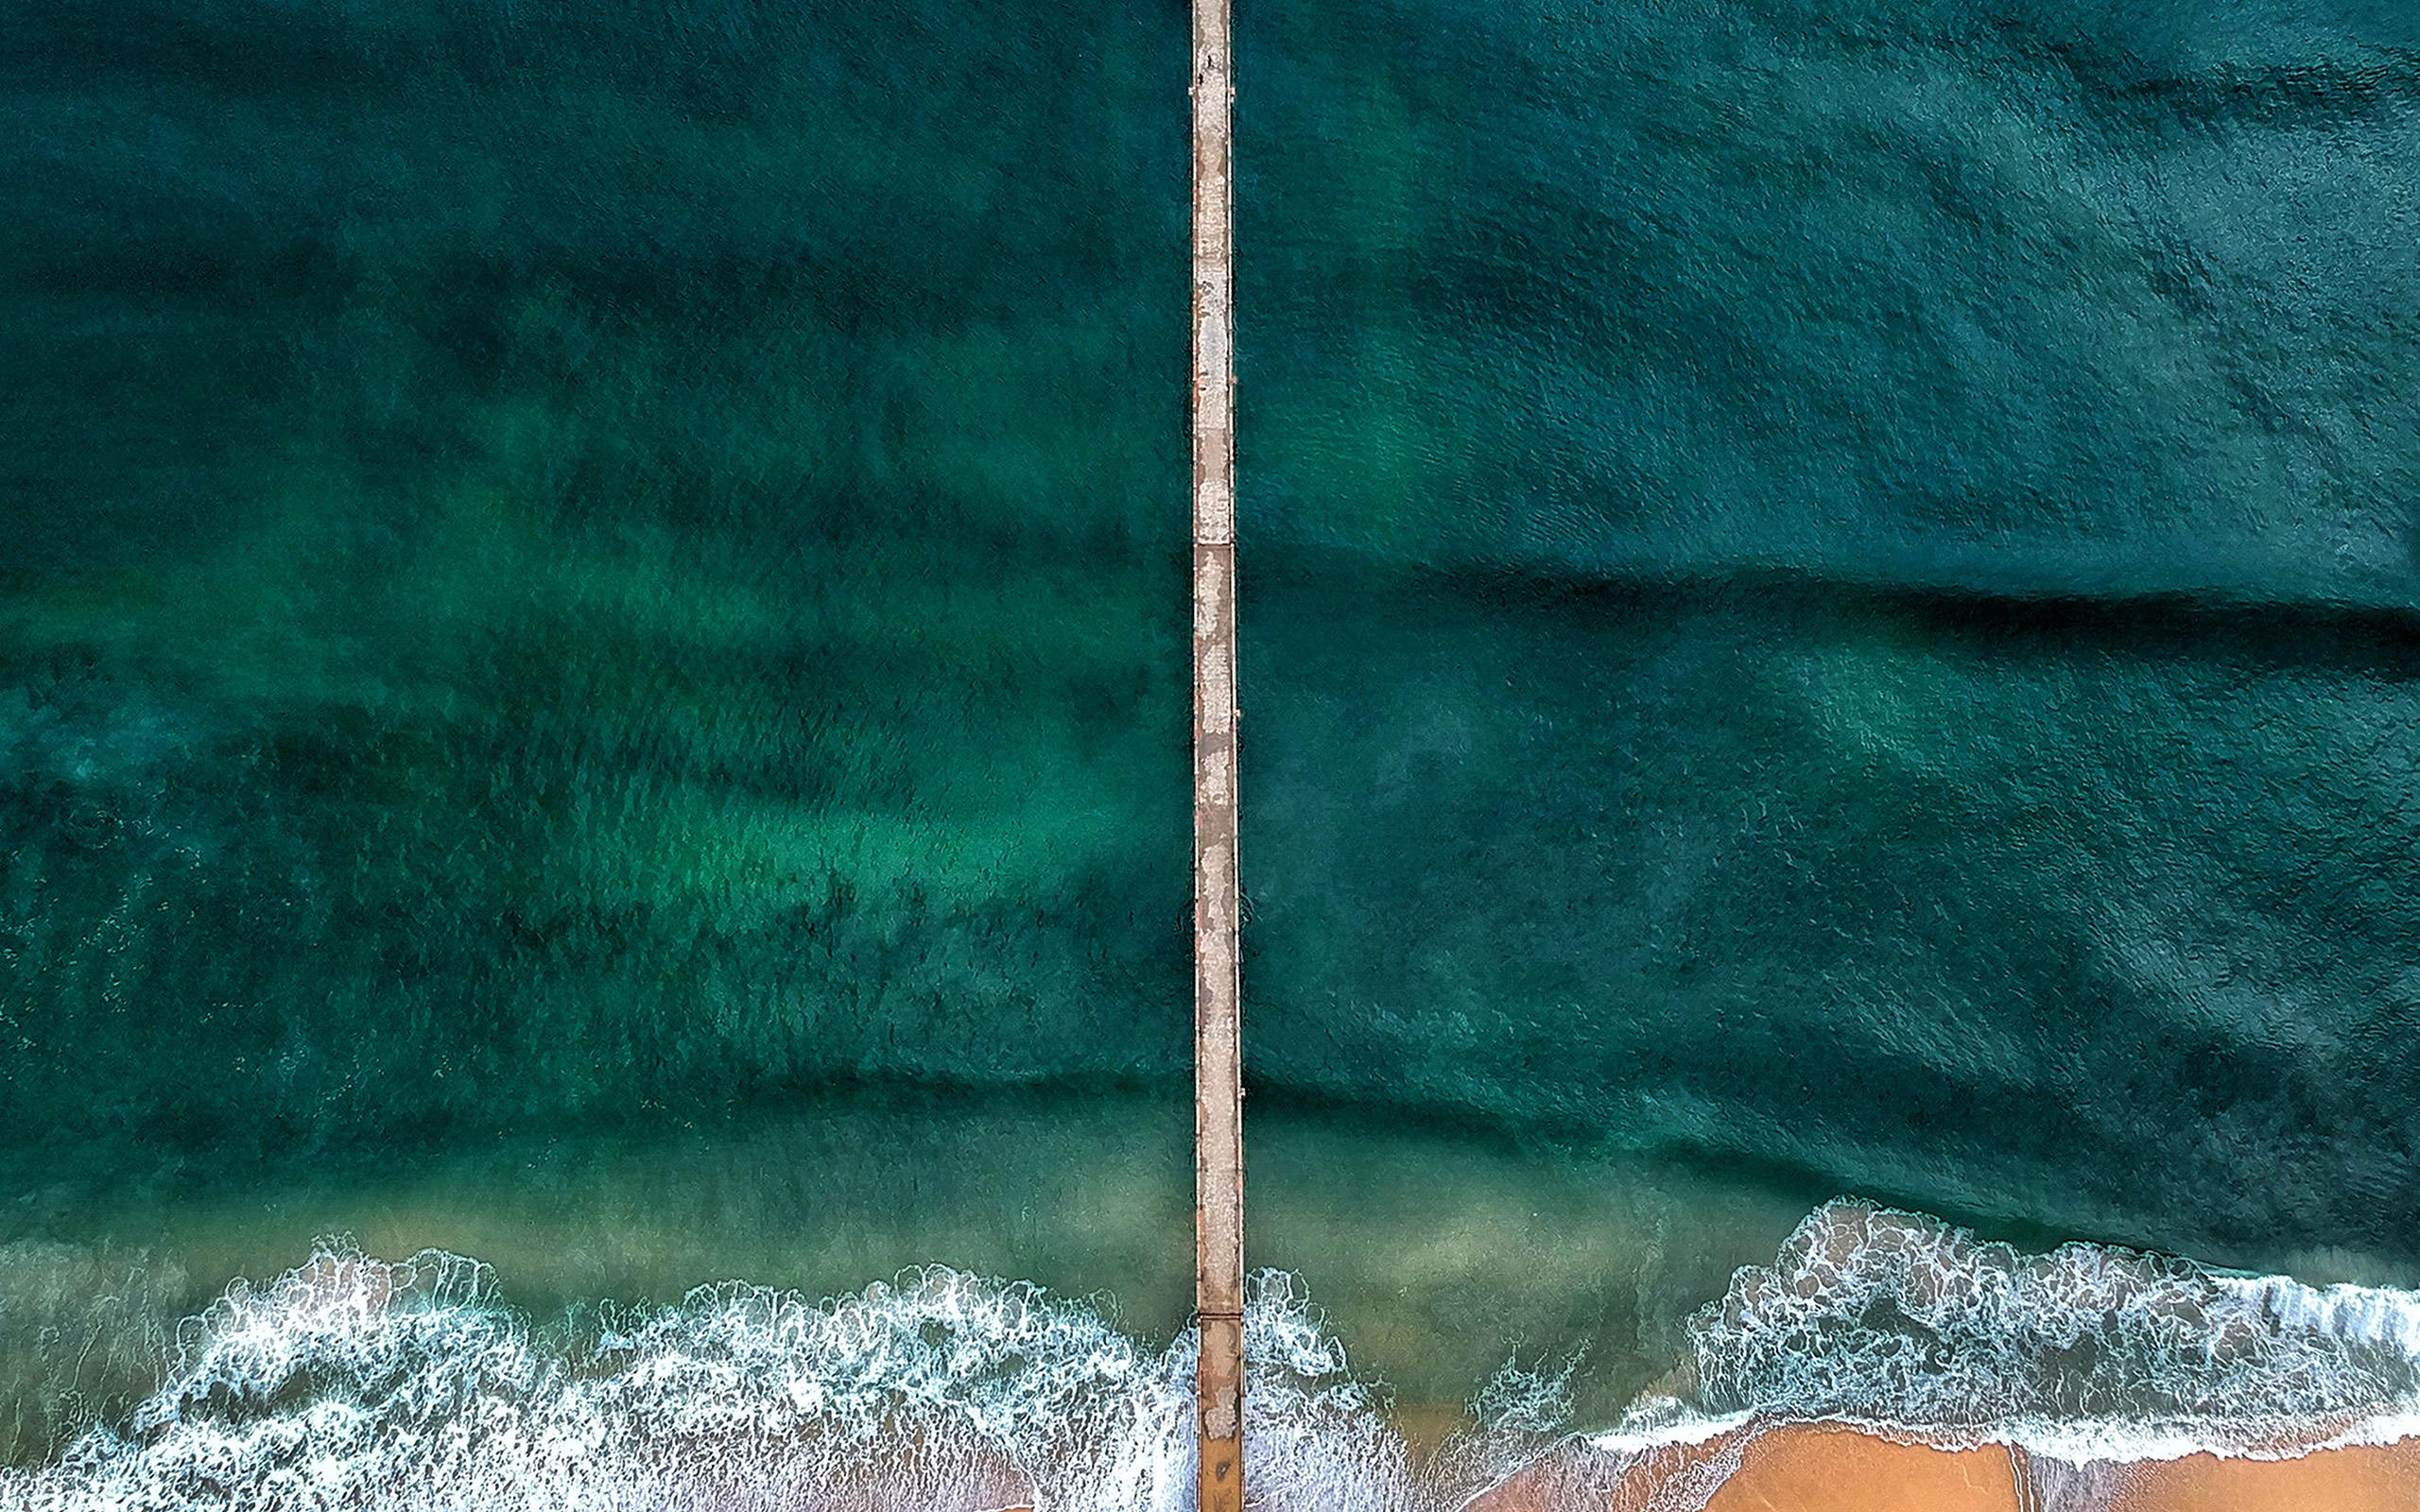 nv63-sea-beach-summer-green-nature-wallpaper